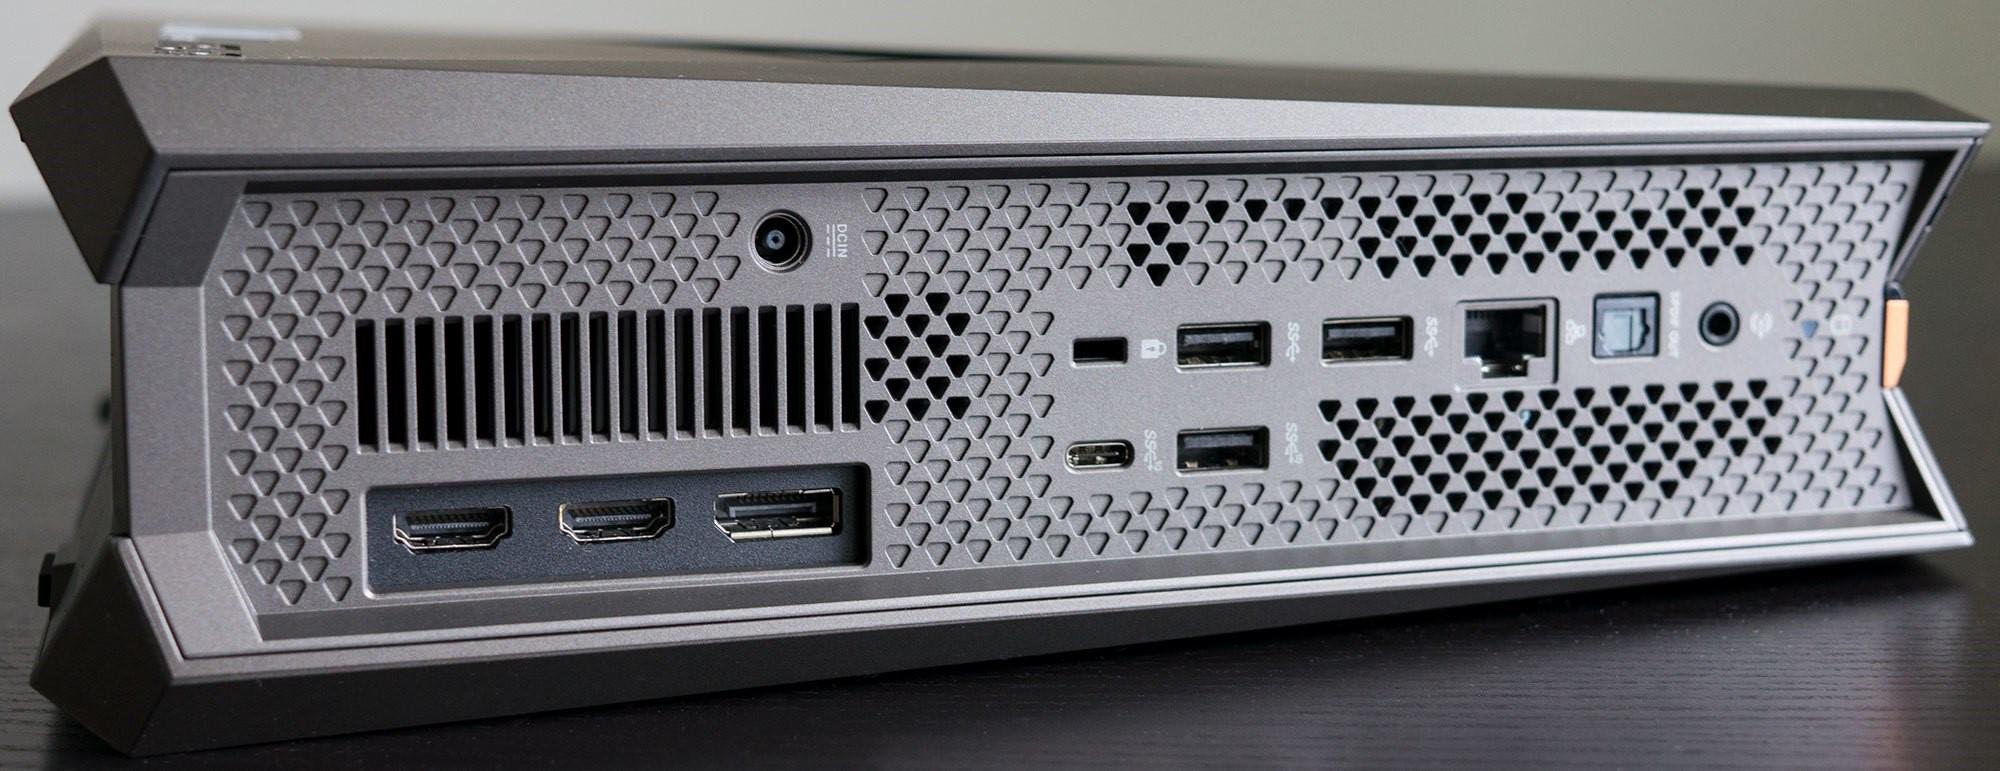 Рис. 3. Интерфейсы компьютера.